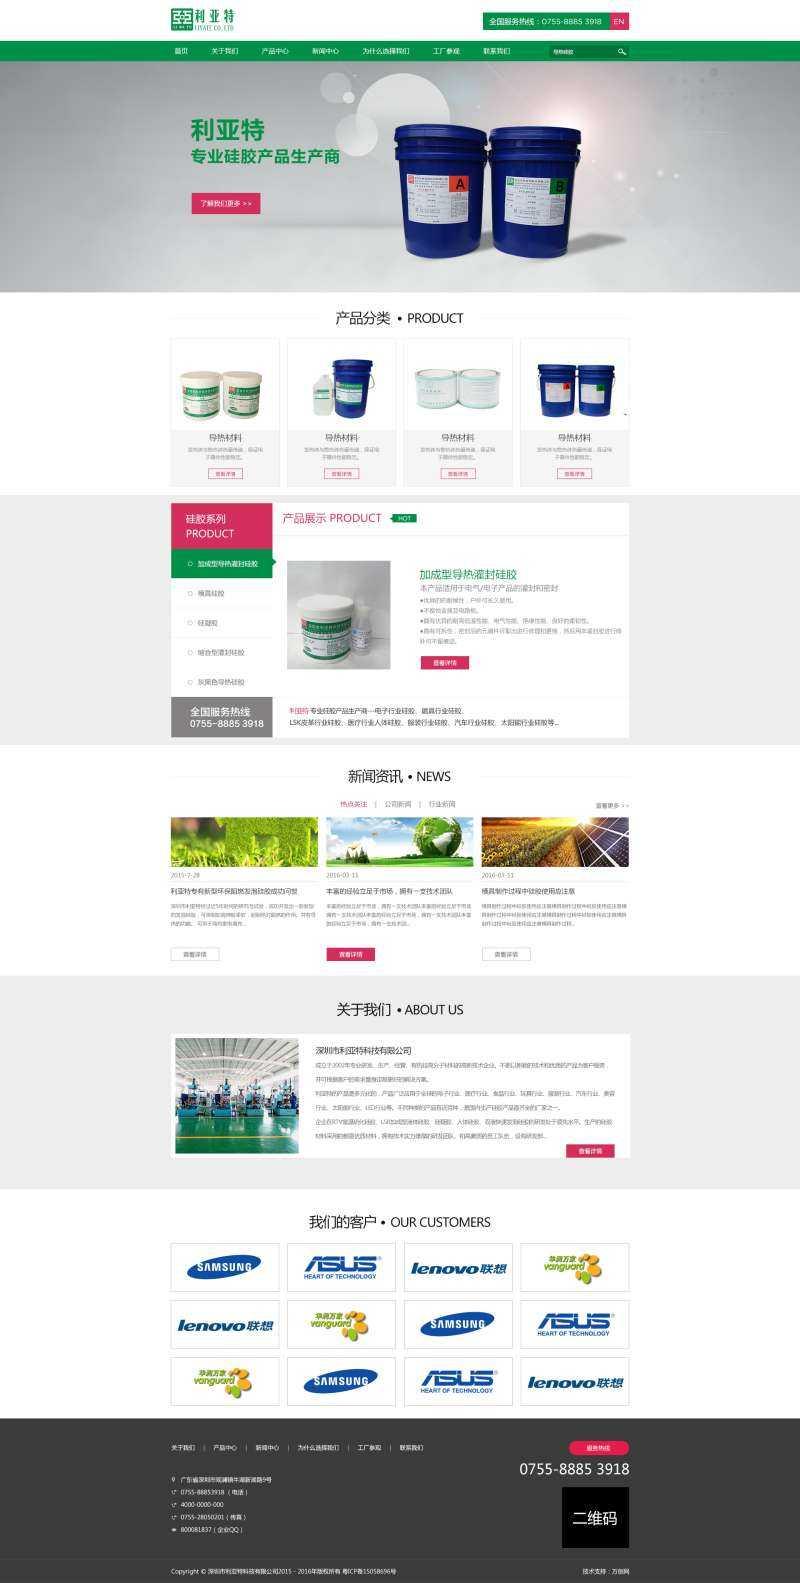 绿色的硅胶生产企业网站首页模板psd下载